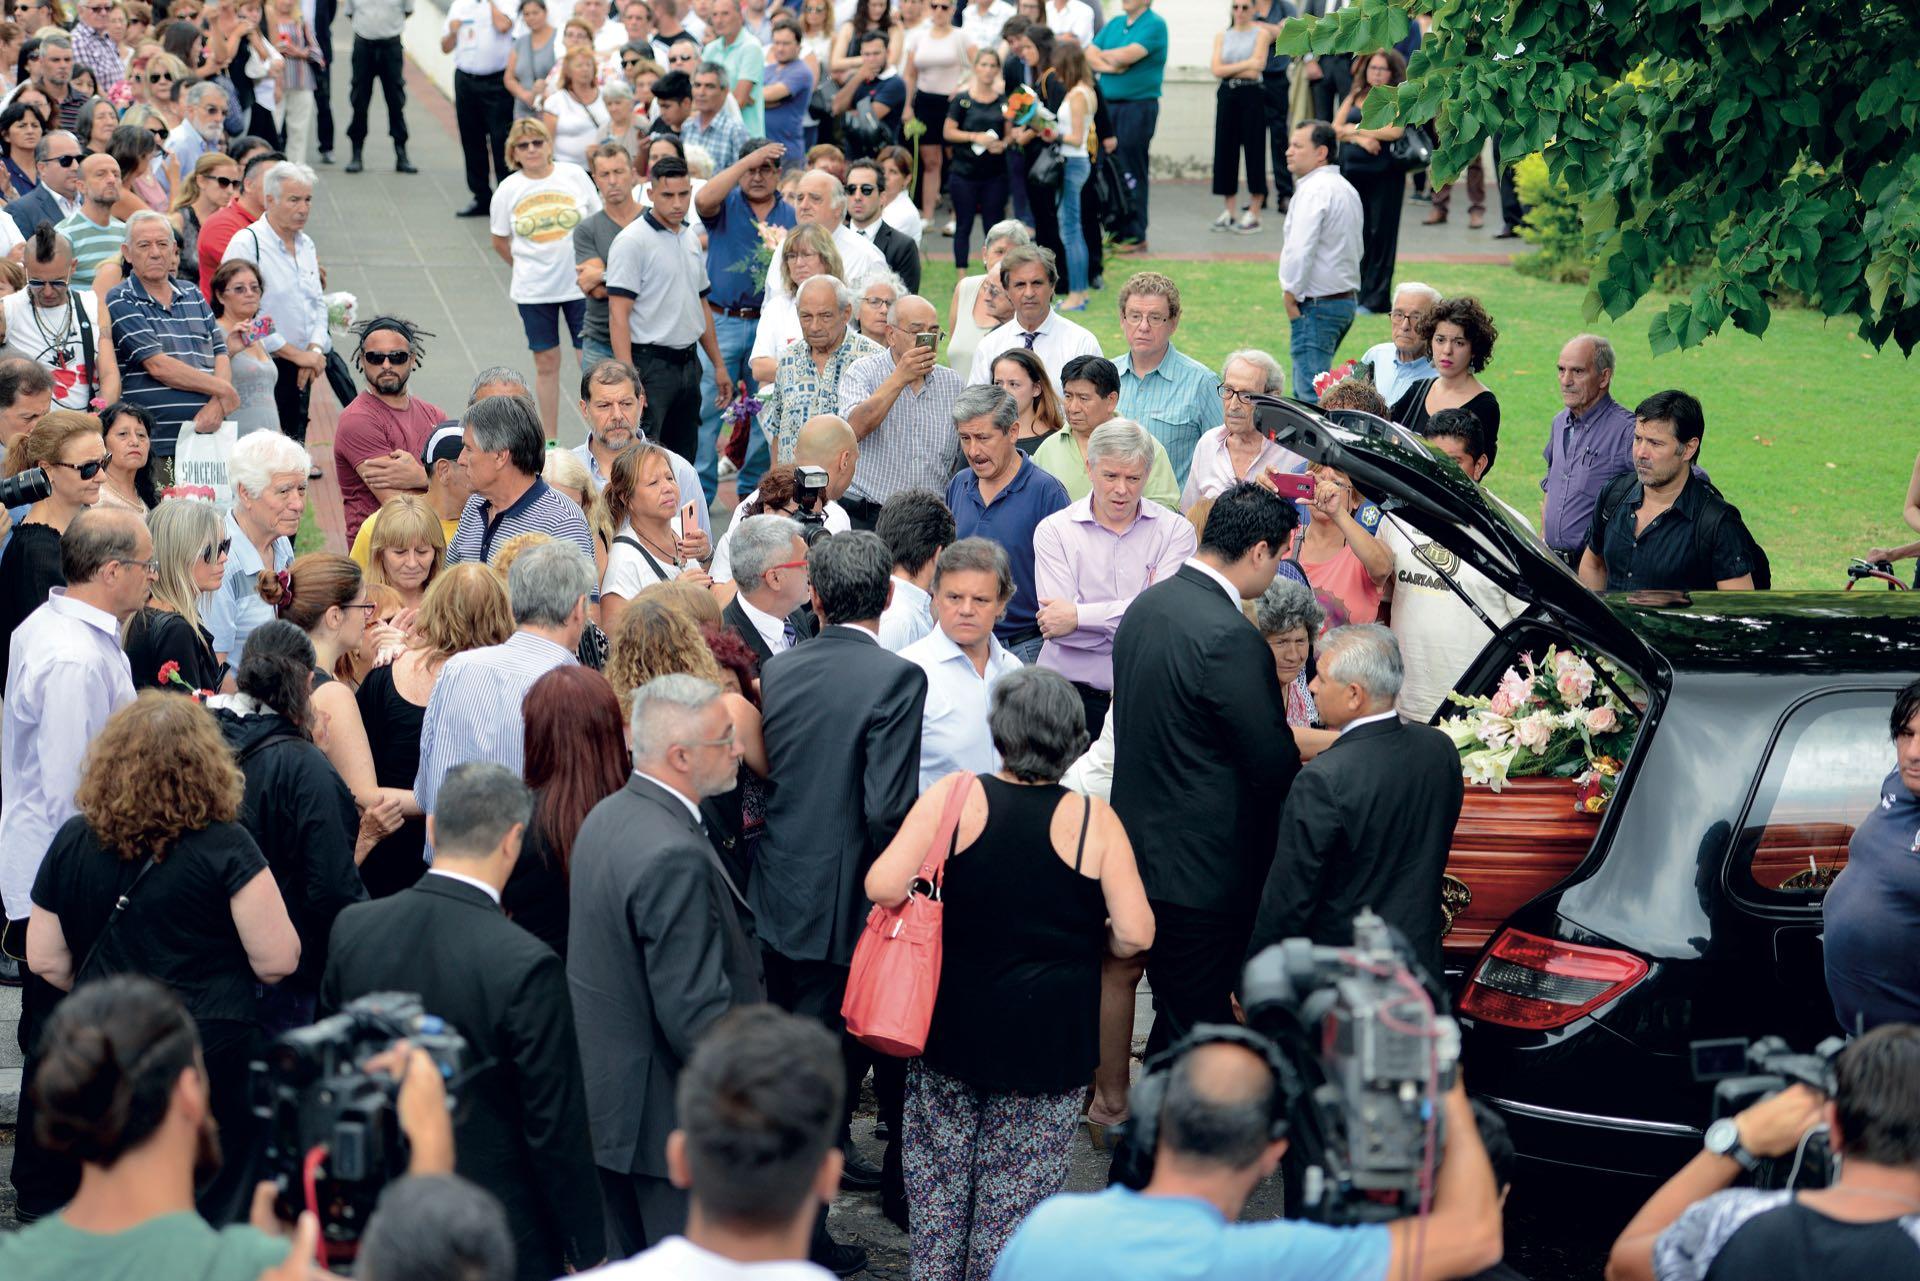 Familiares, amigos yseguidoresse acercaron a brindarle un cálido aplauso (Fotos: Enrique García Medina y Maxi Vernazza/GENTE)